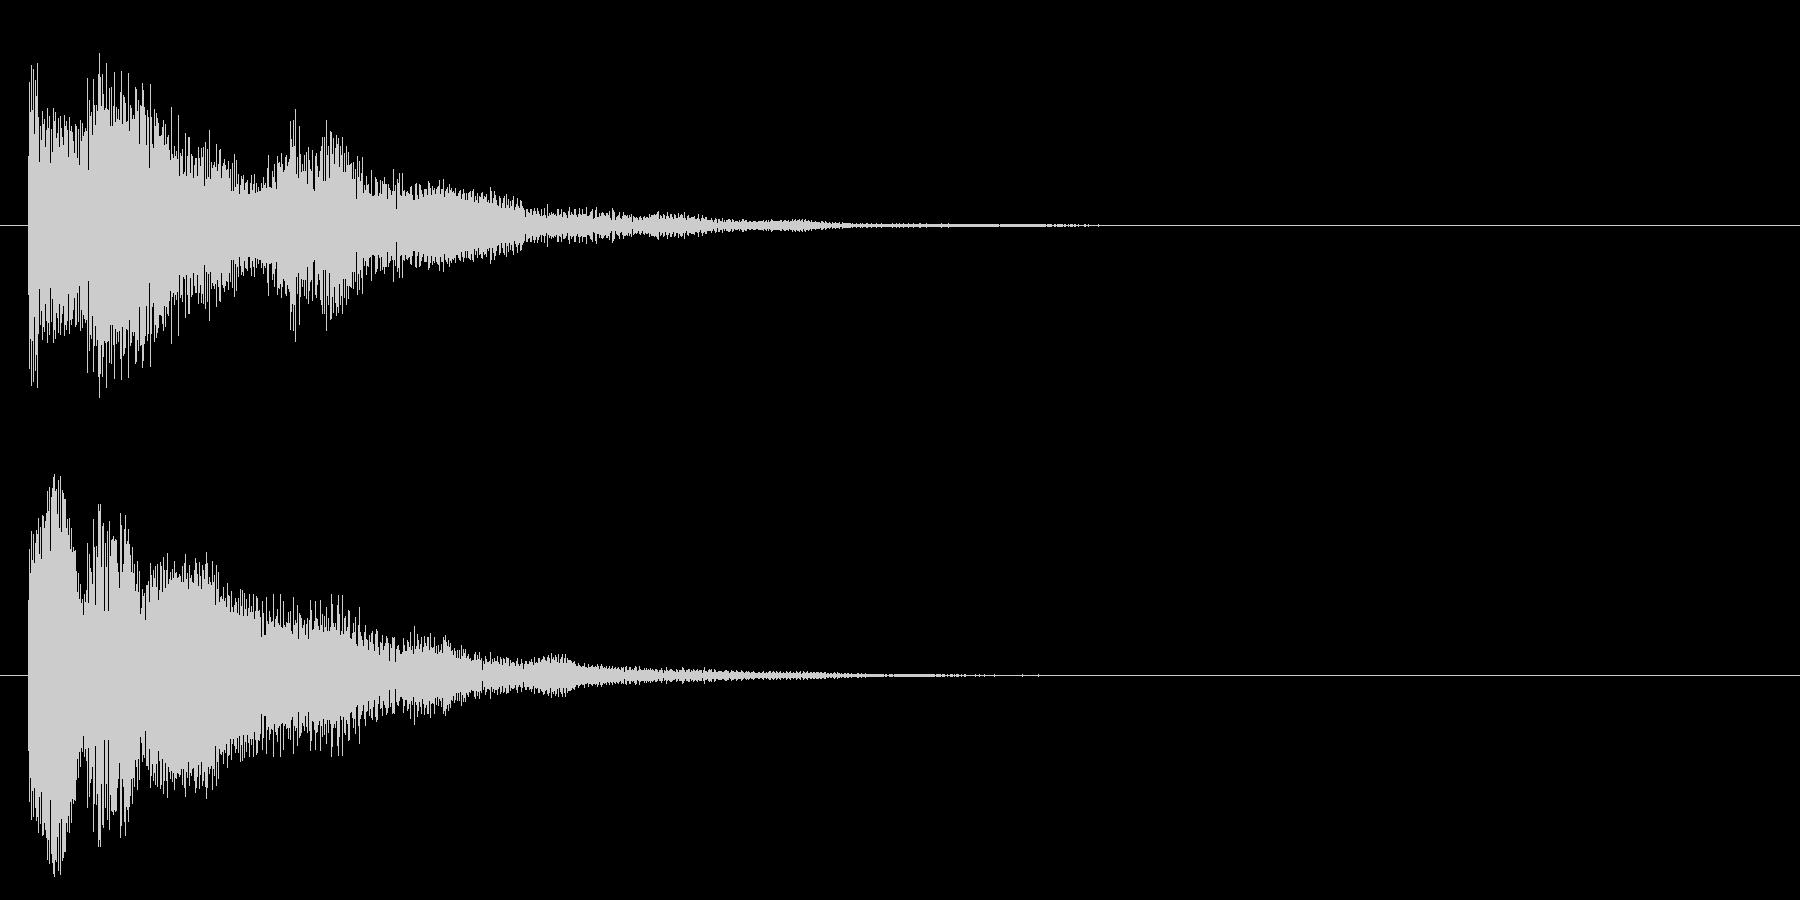 アイテムゲット・謎が解けた3の未再生の波形